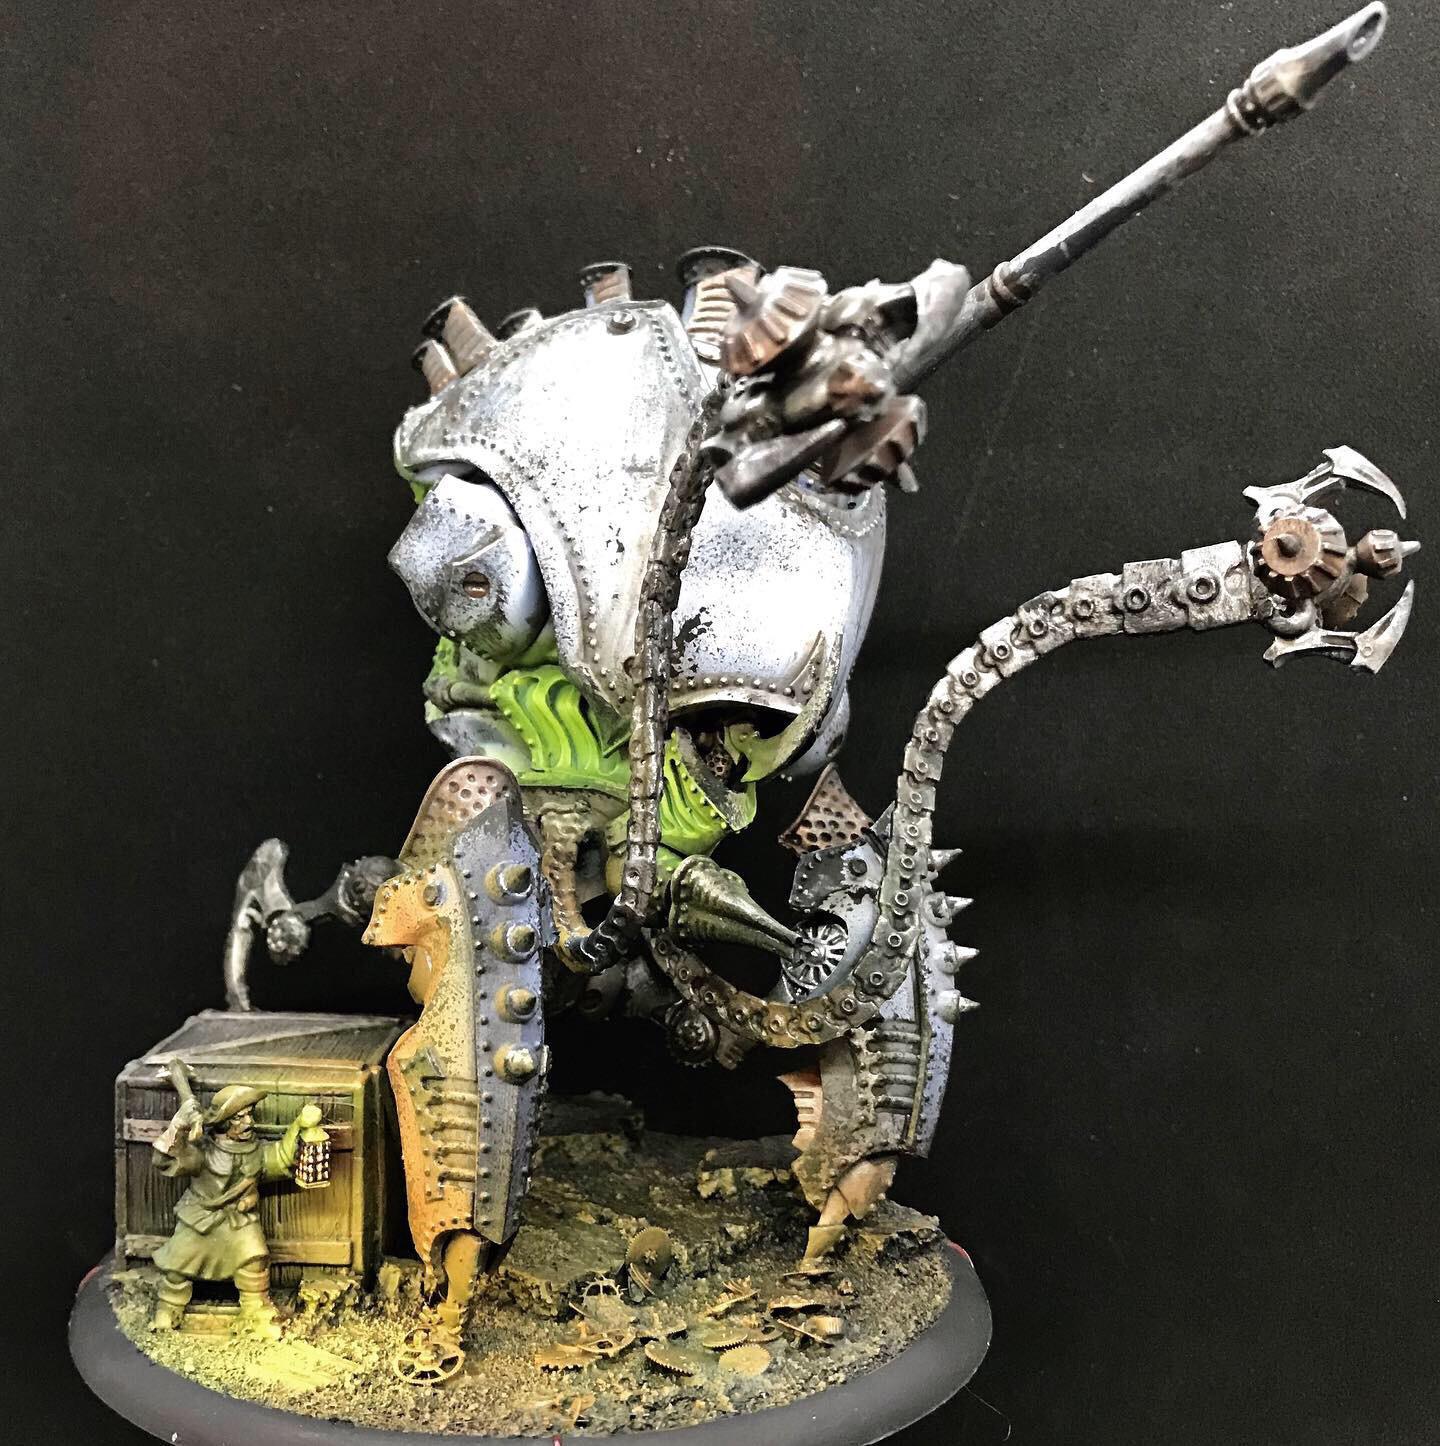 Warmachine Kraken by Stevefamine